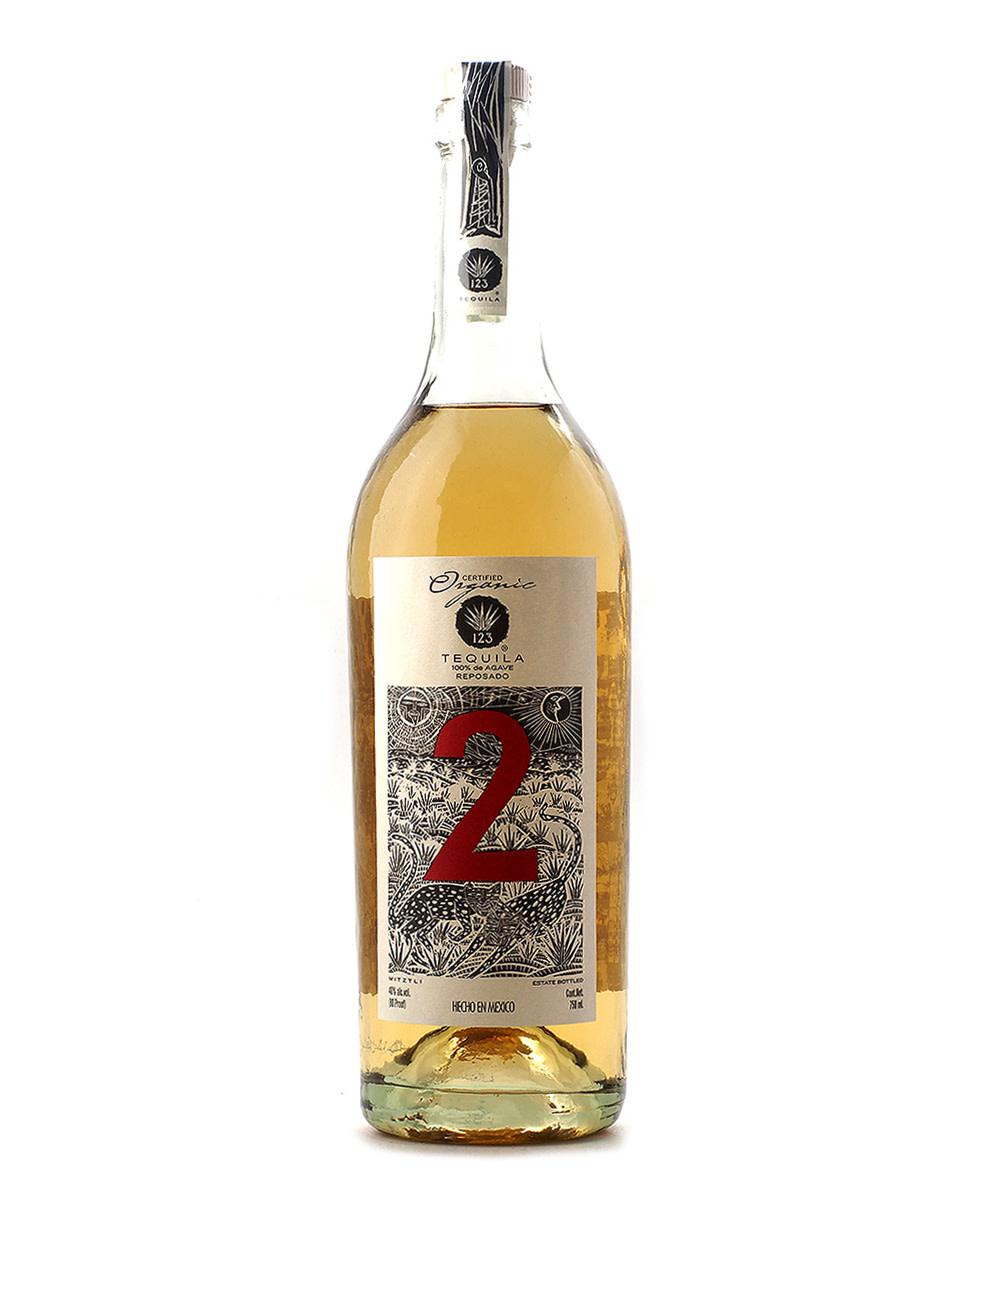 123 Tequila Dos Reposado